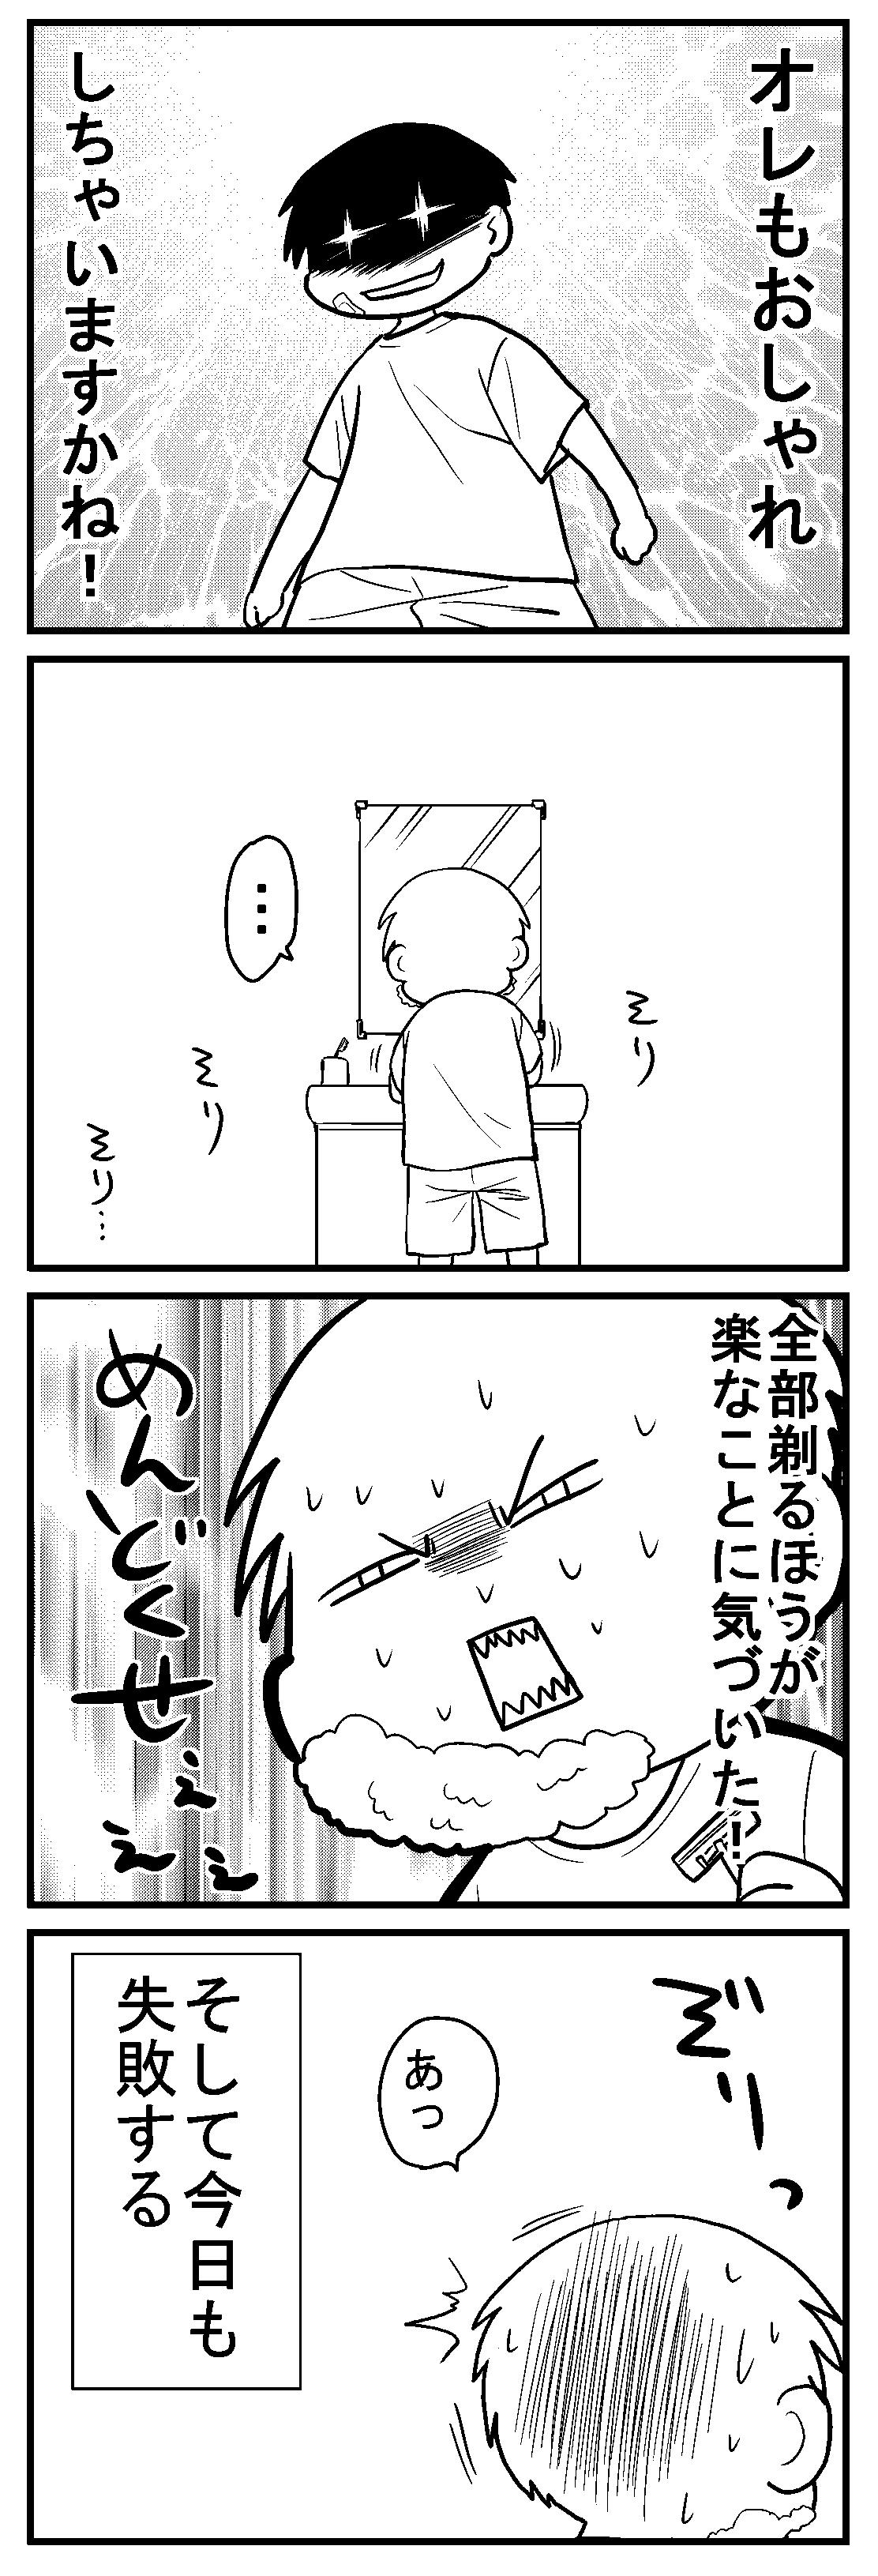 深読みくん27 4